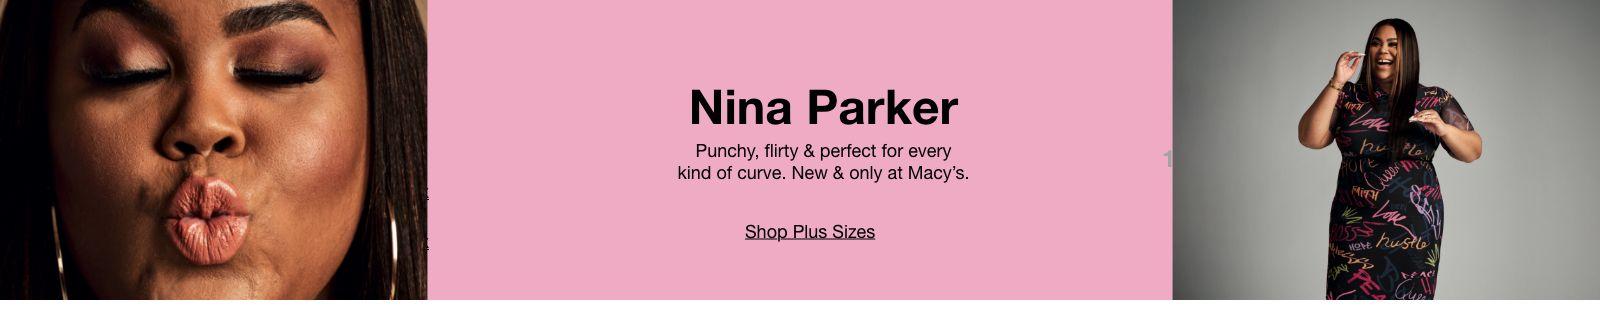 Nina Parker